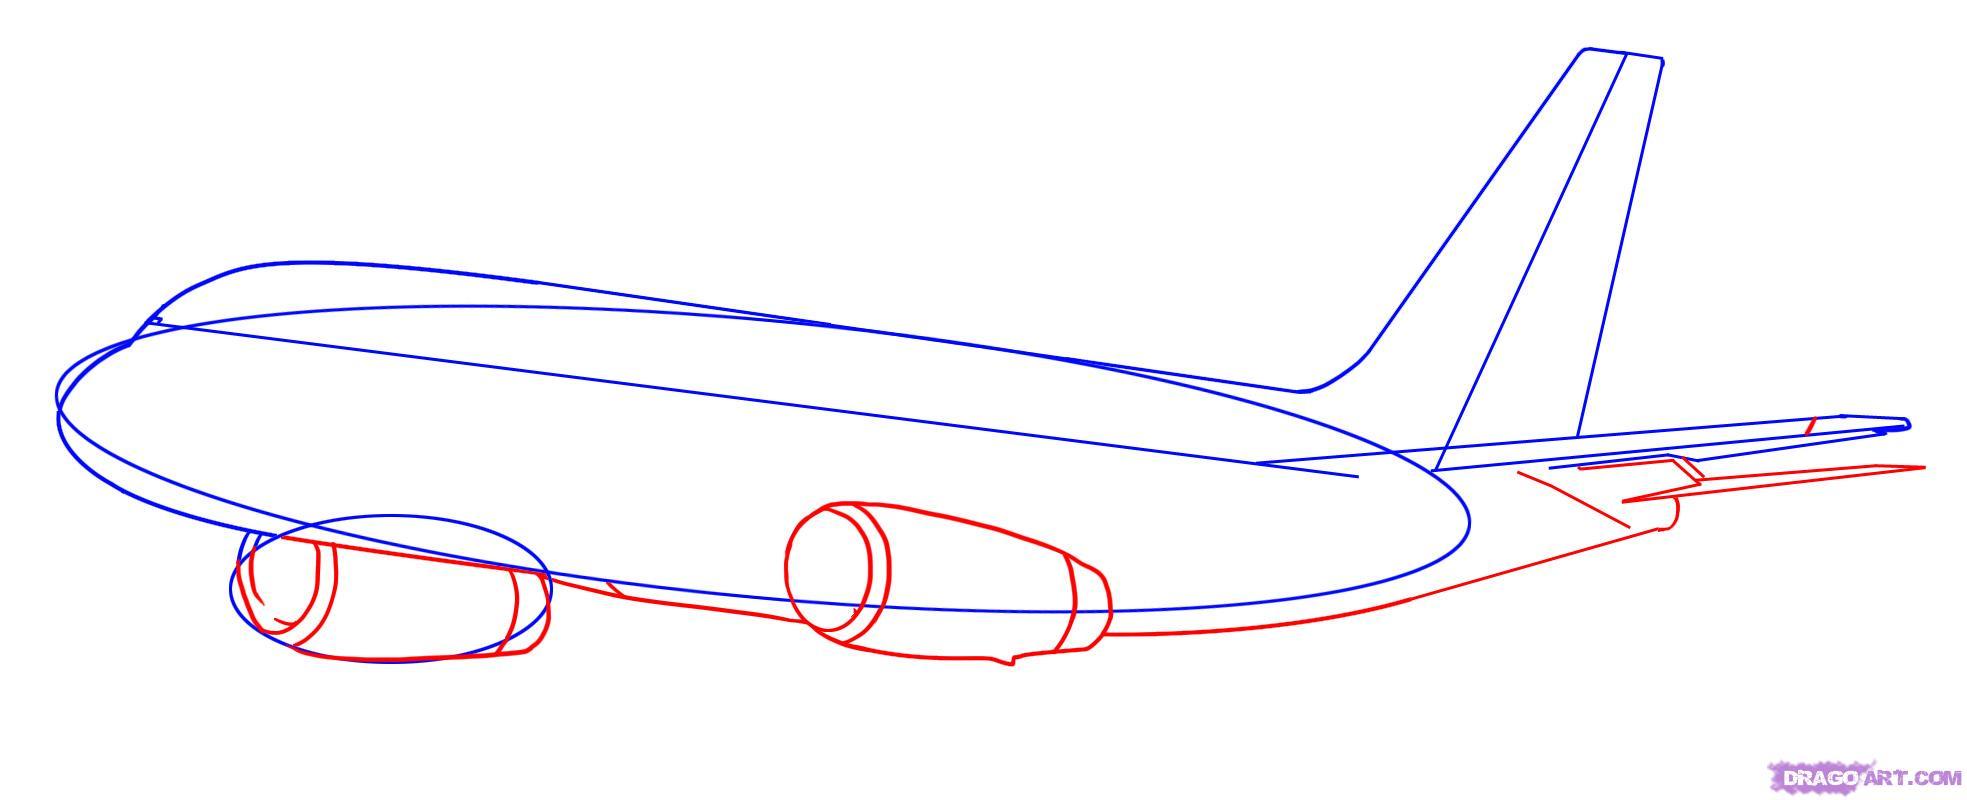 Рисуем самолет Боинг 787 - шаг 3